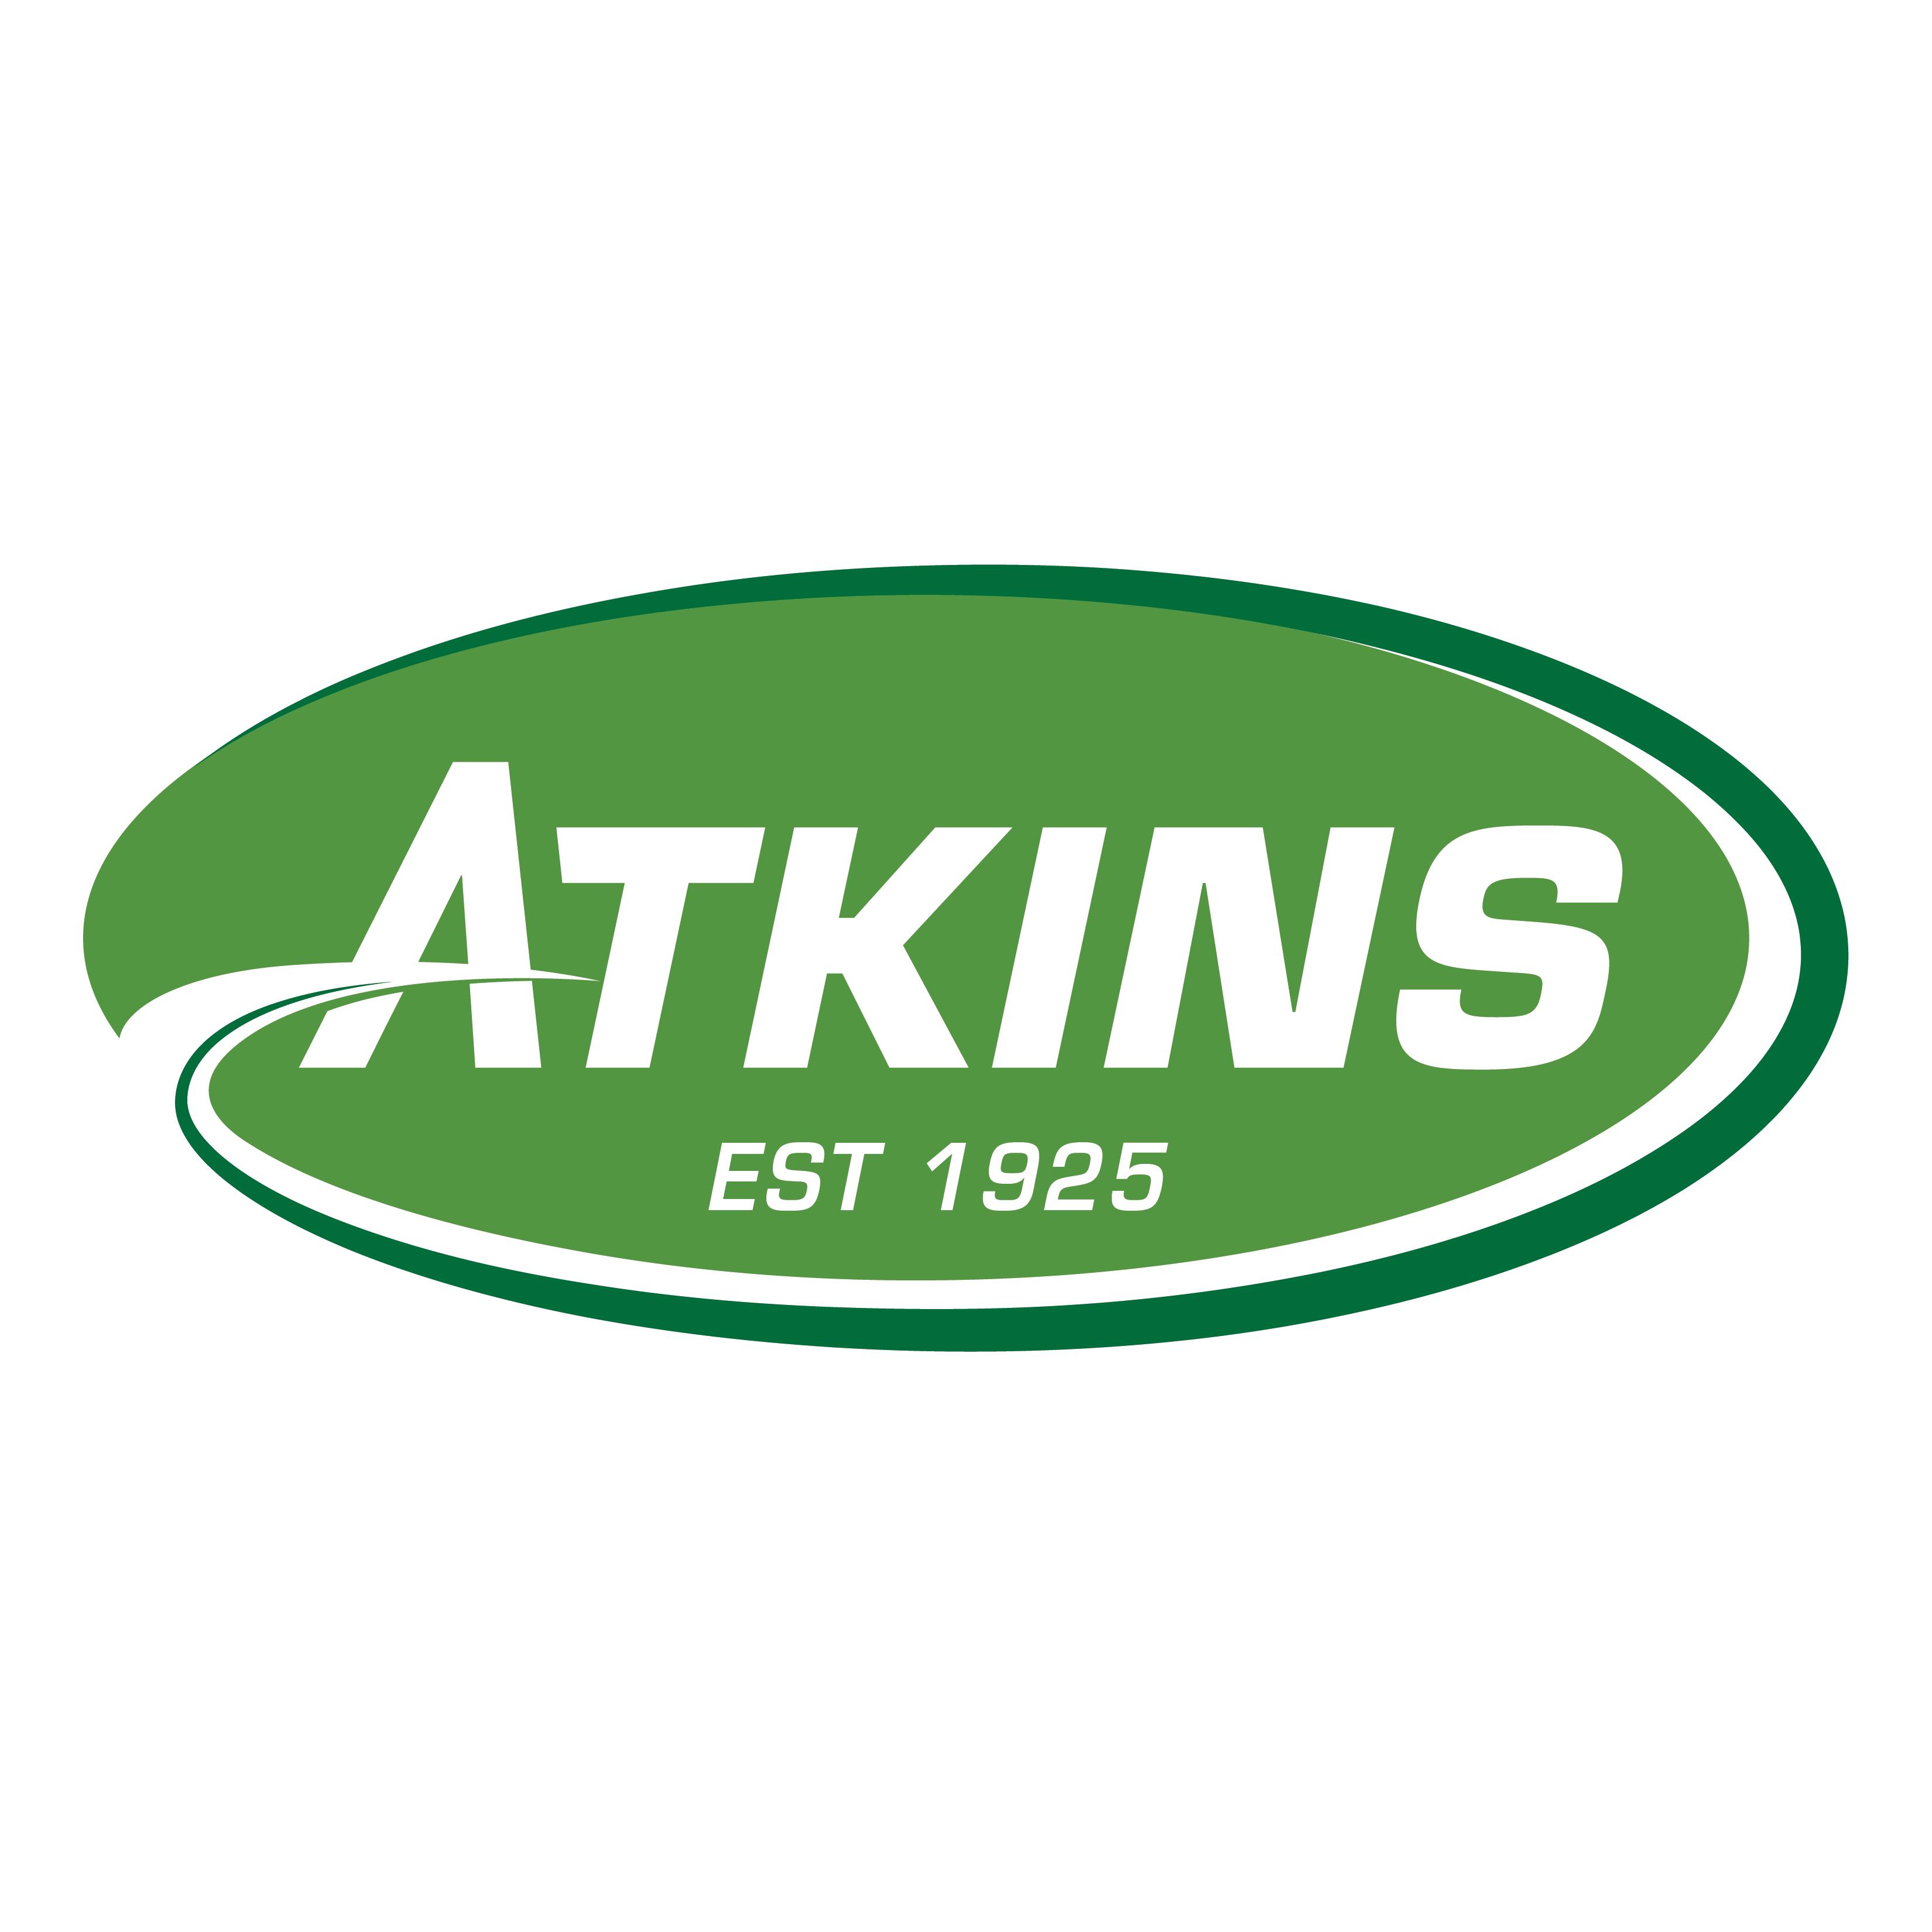 Atkins Inc